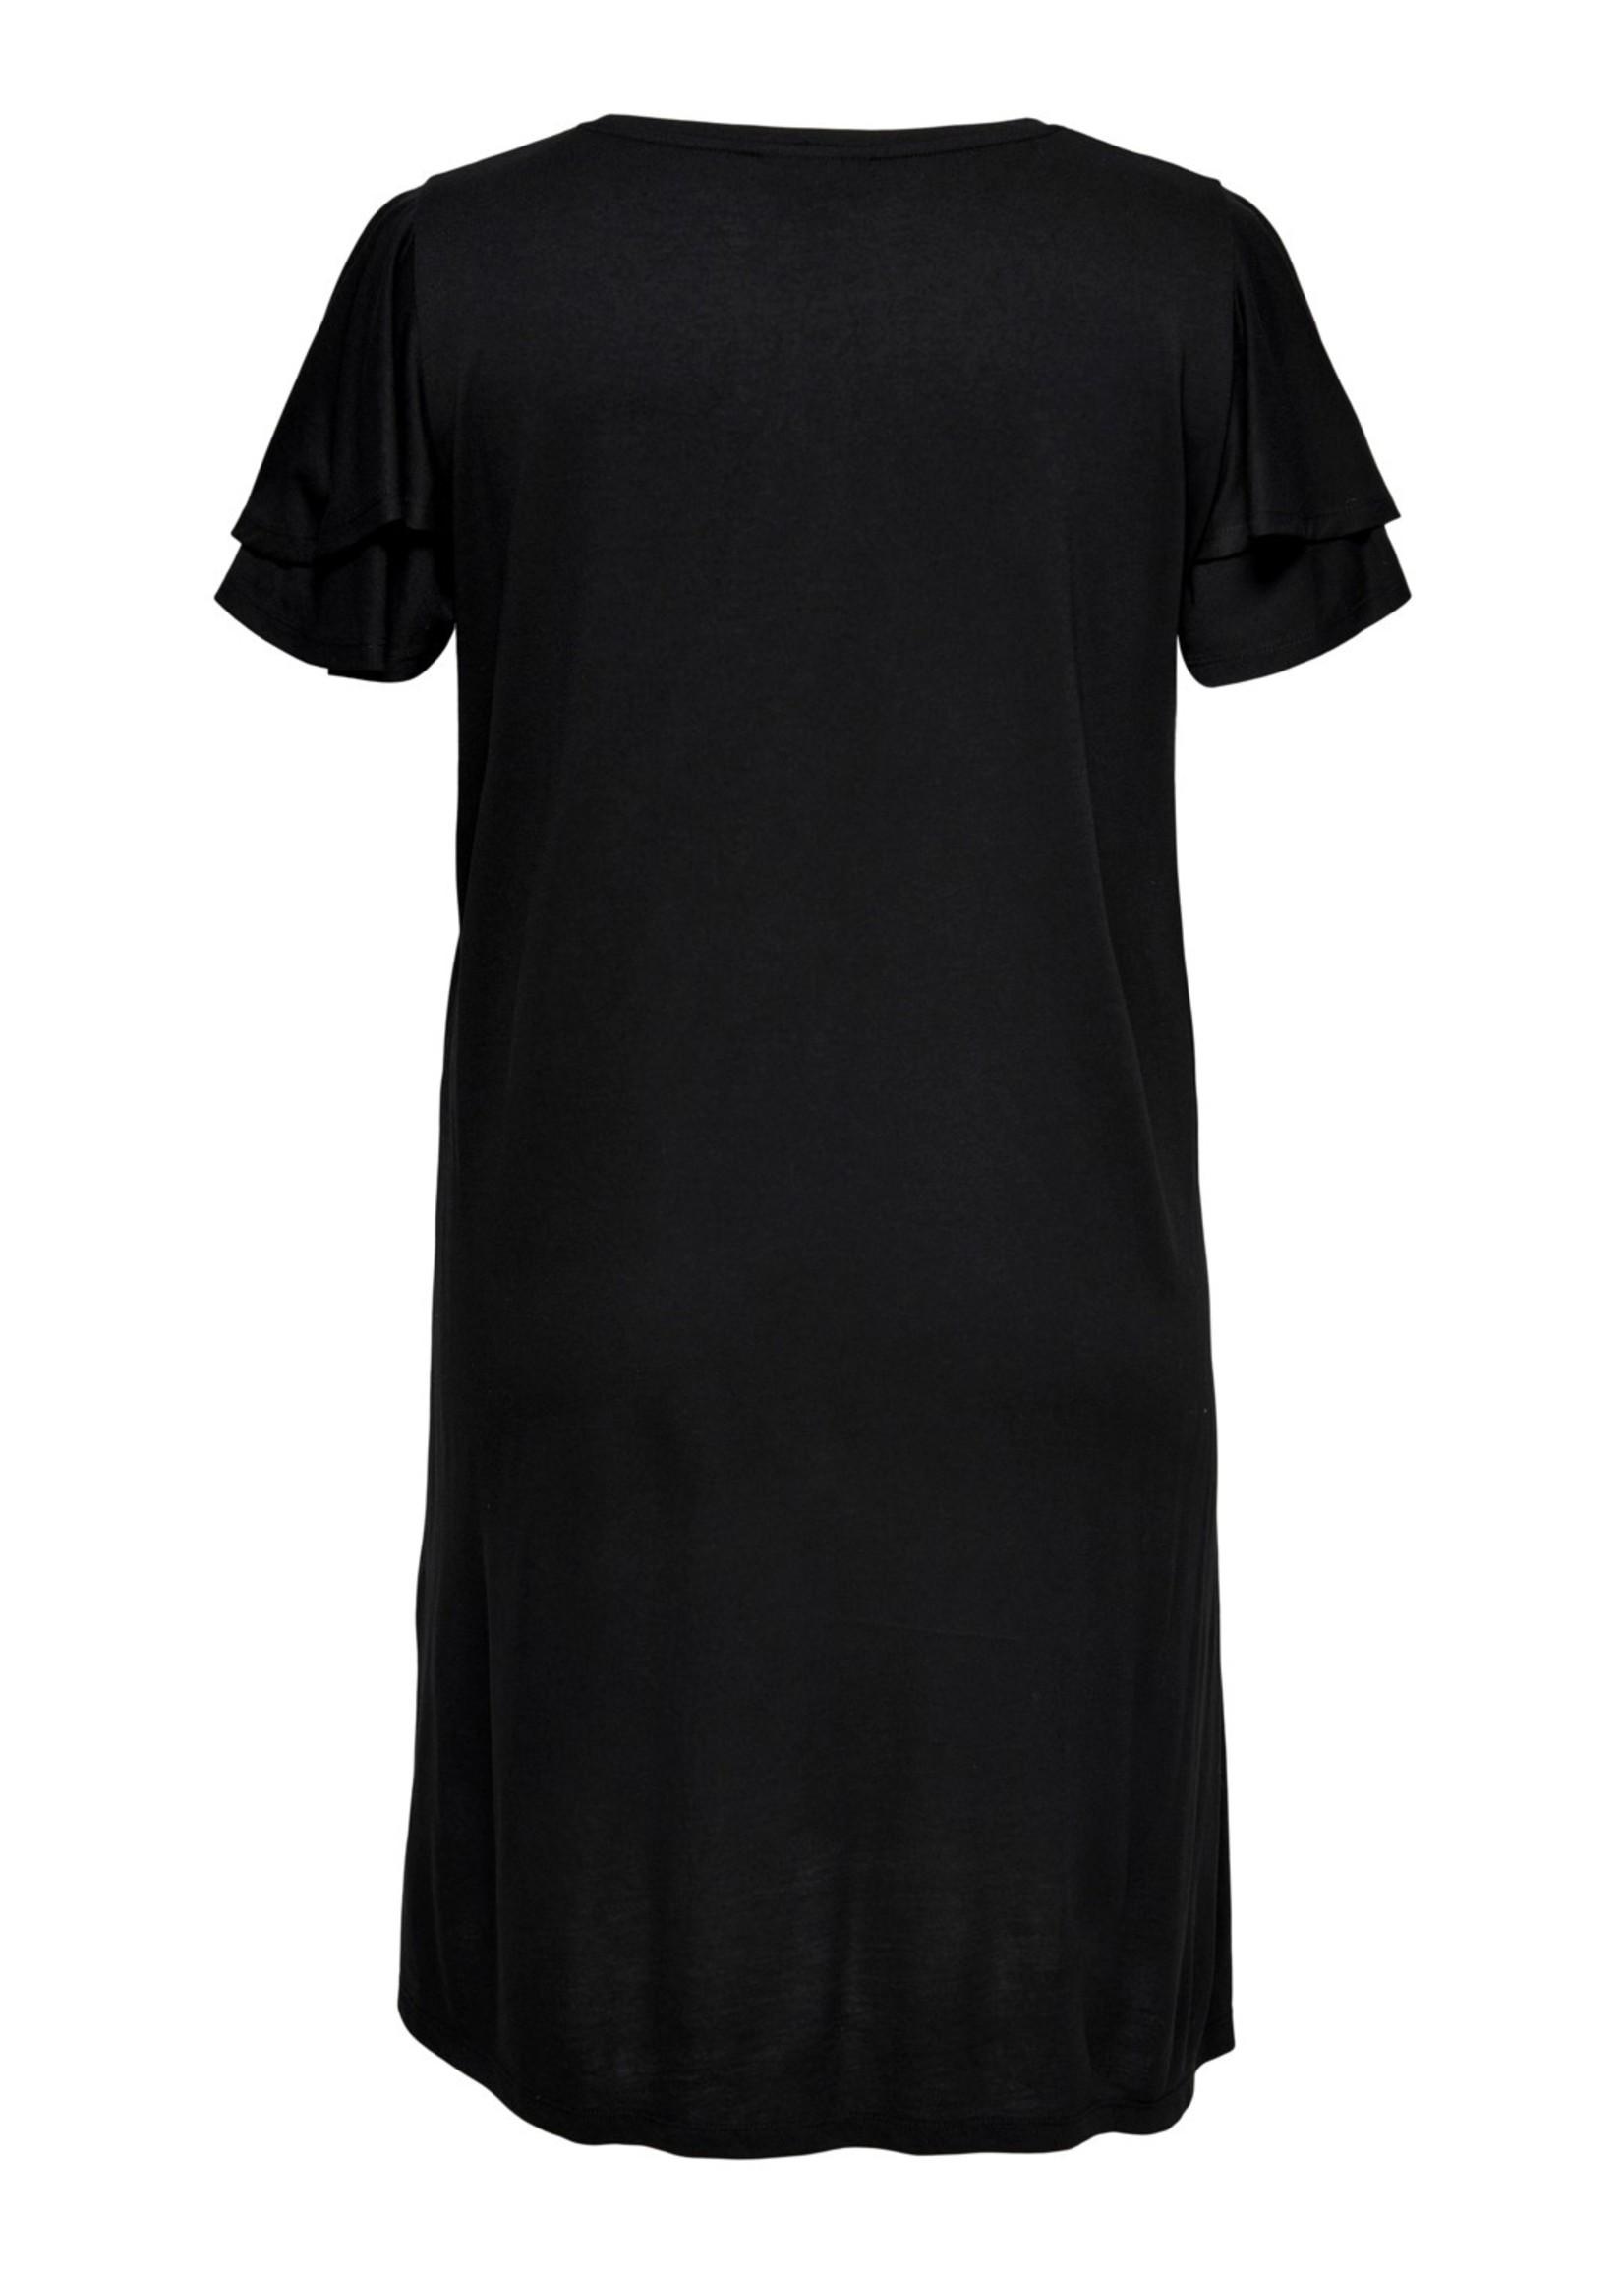 Only Carmakoma Only Carmakoma Gila Dress